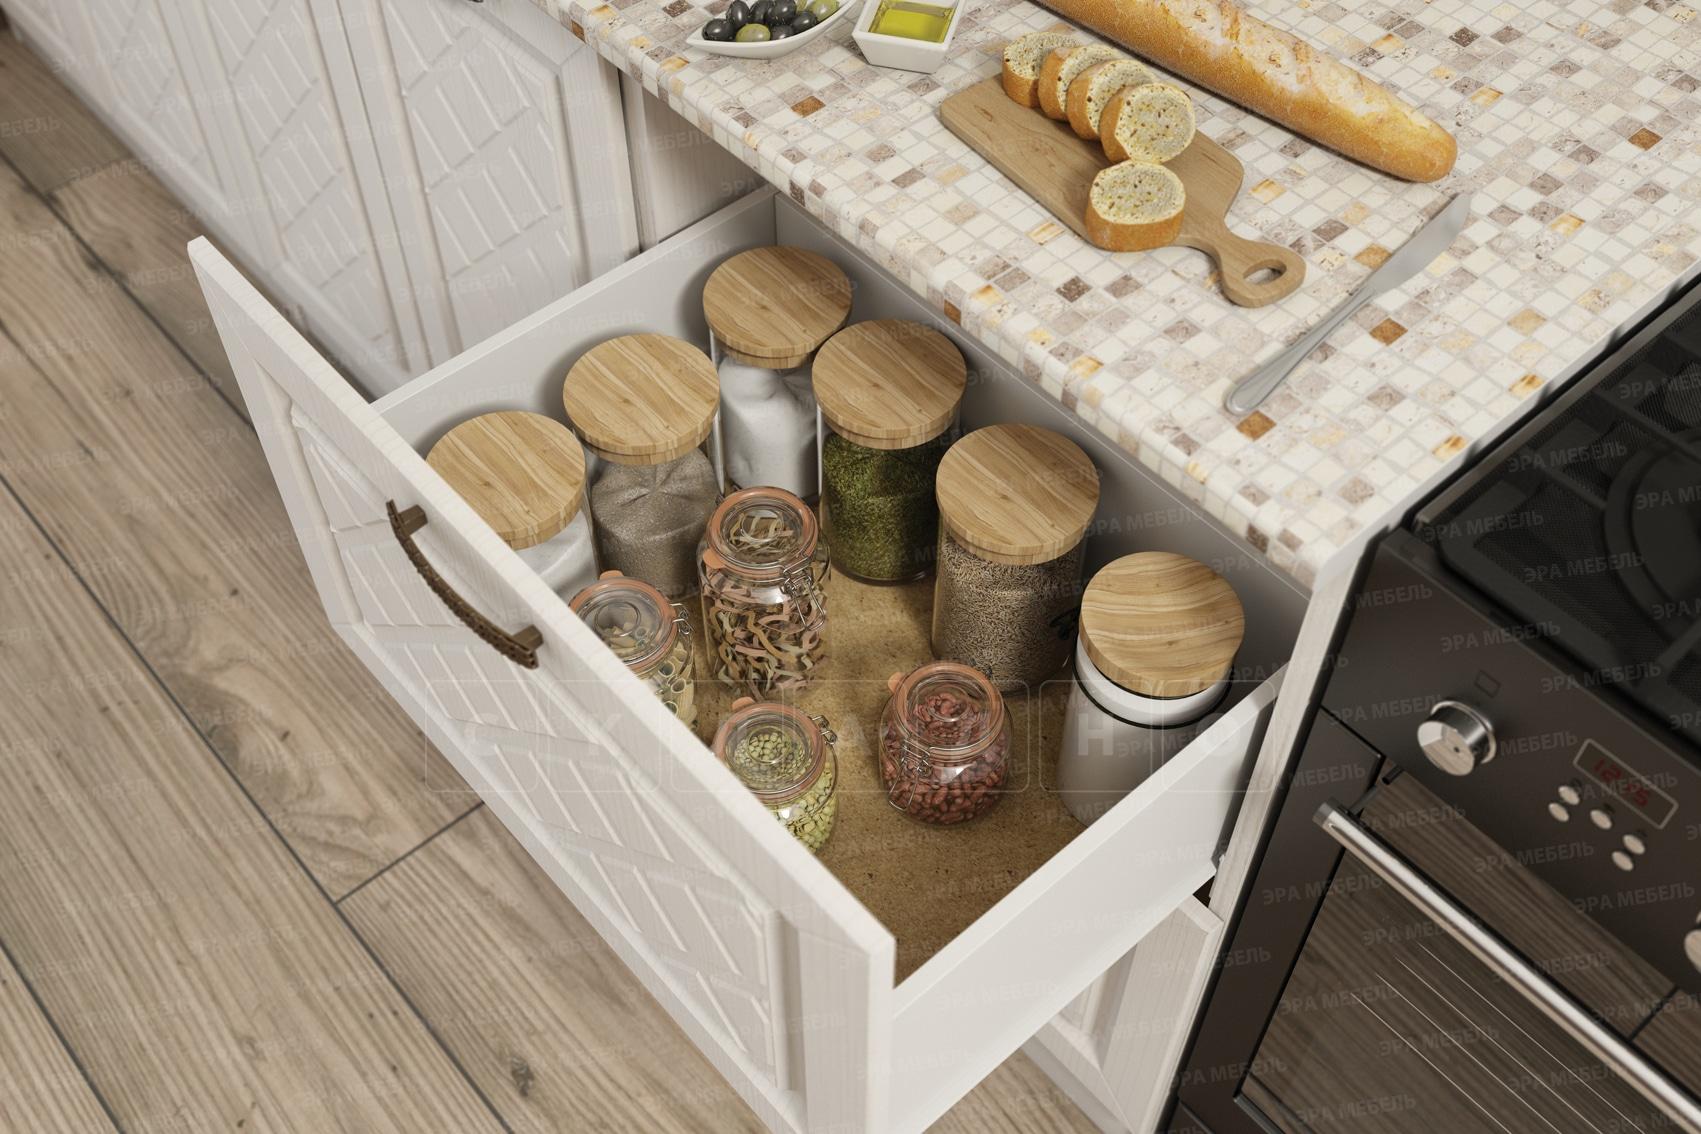 Кухонный гарнитур Агава 2,6м фото 4 | интернет-магазин Складно